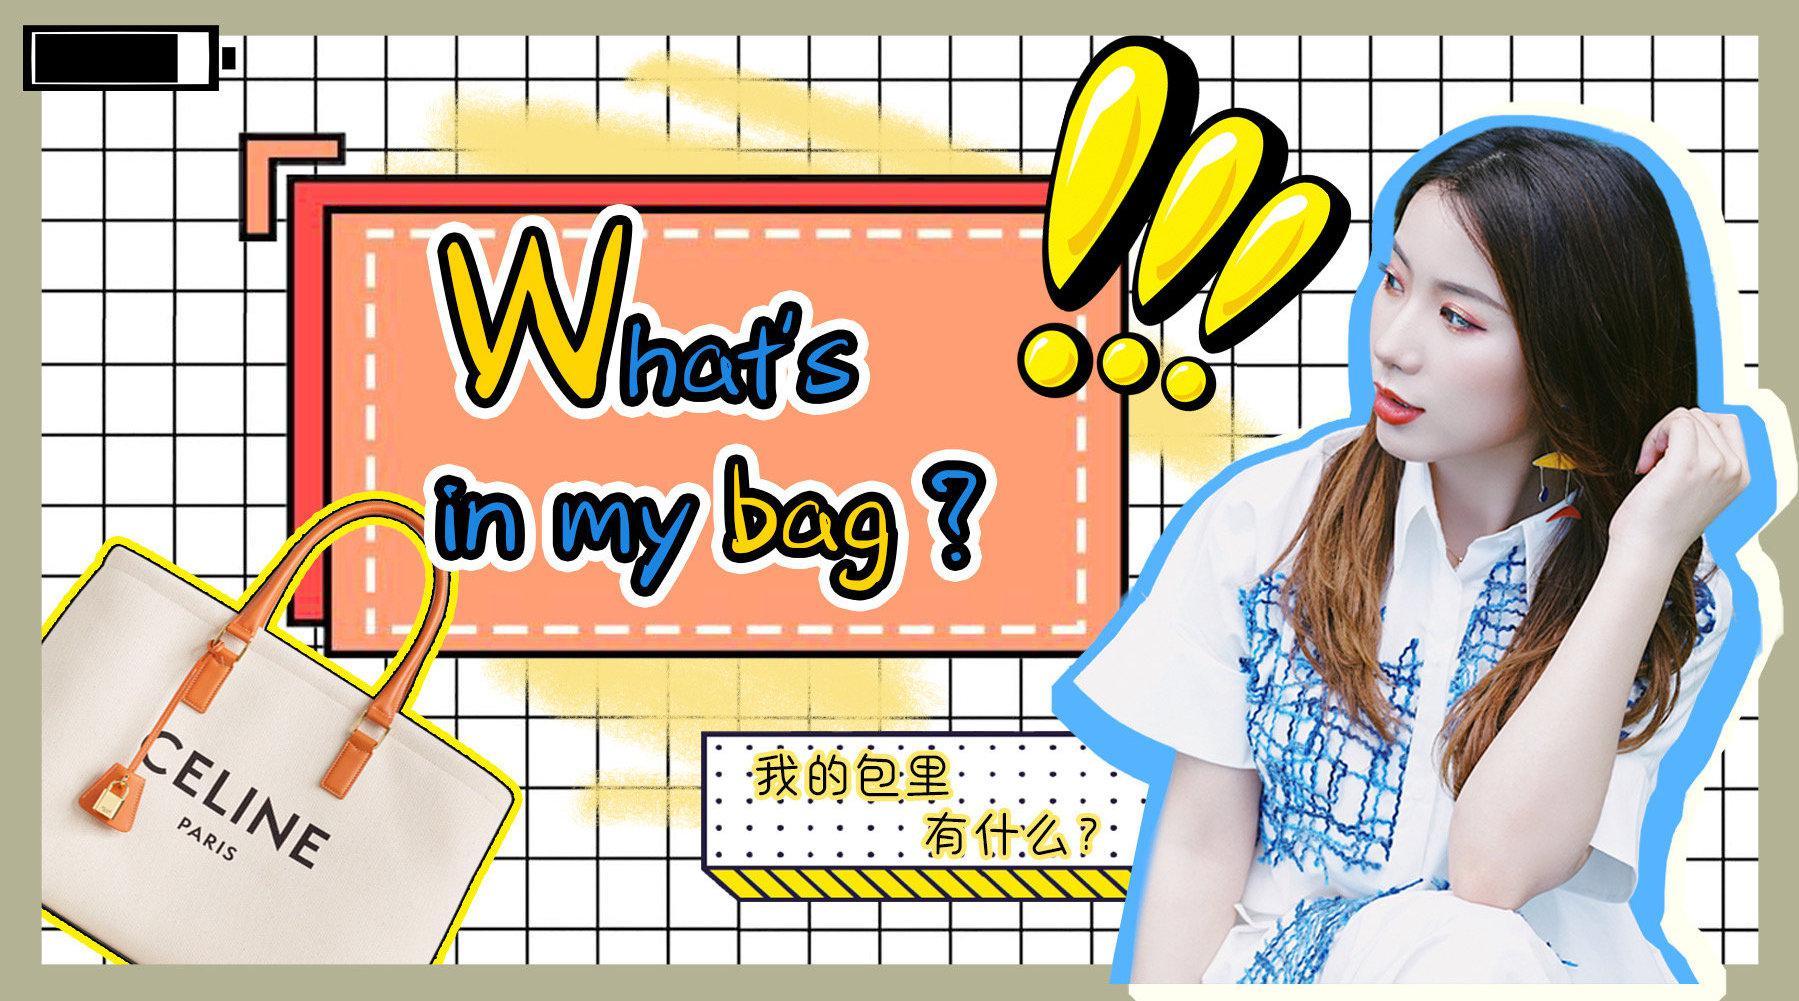 翻包记 | Whats in my bag? 我的包里有什么! 大型翻包现场!